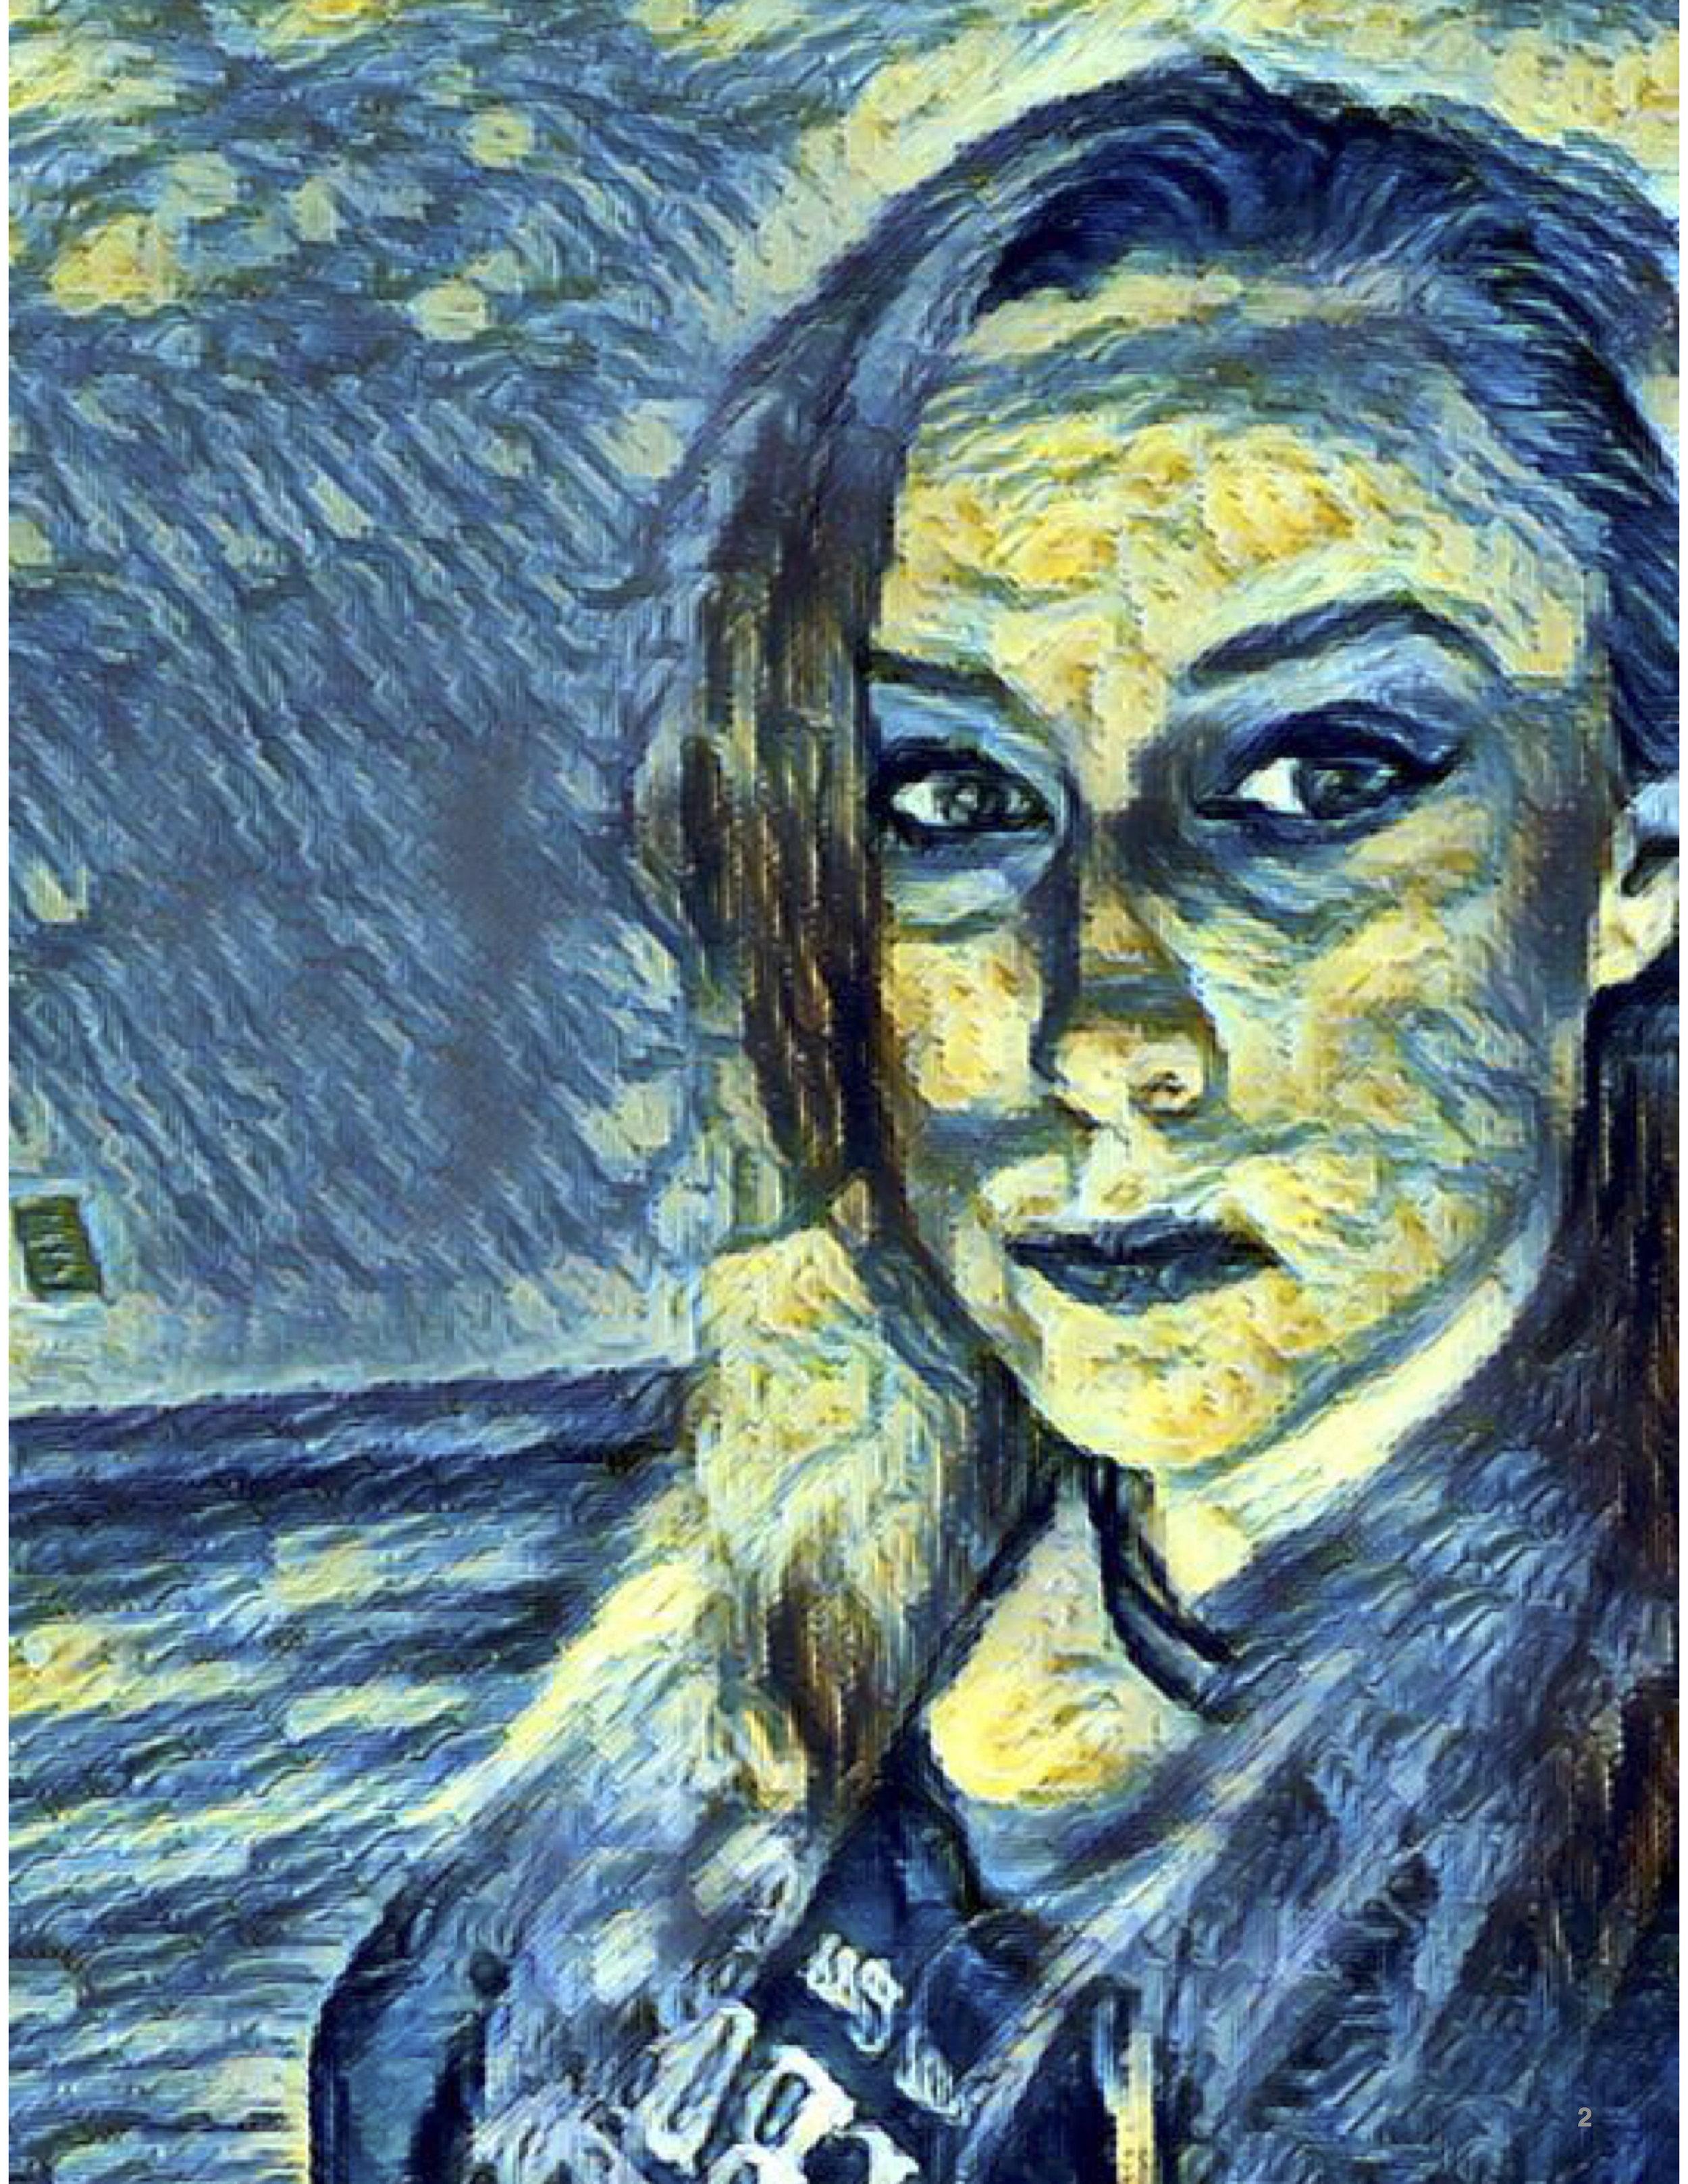 @ Amanda Fry Art